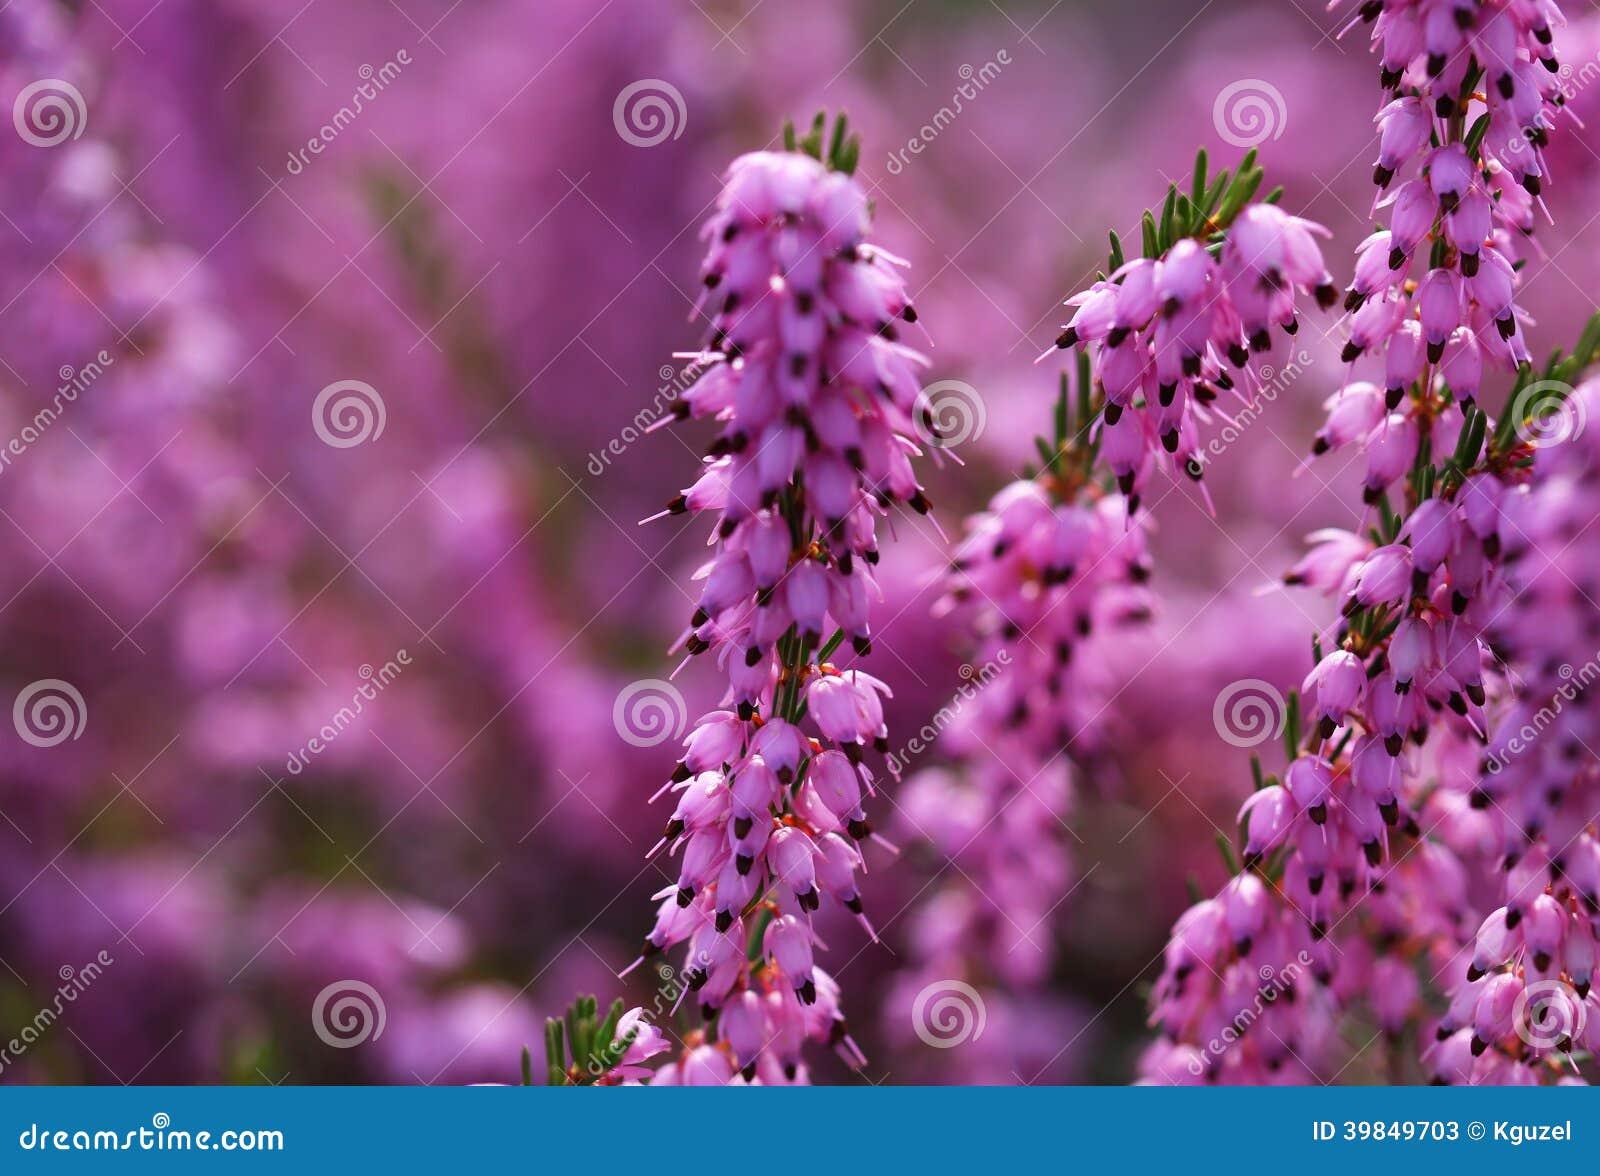 Heather Flowers Purple Calluna Stock Image Image Of Erica Head